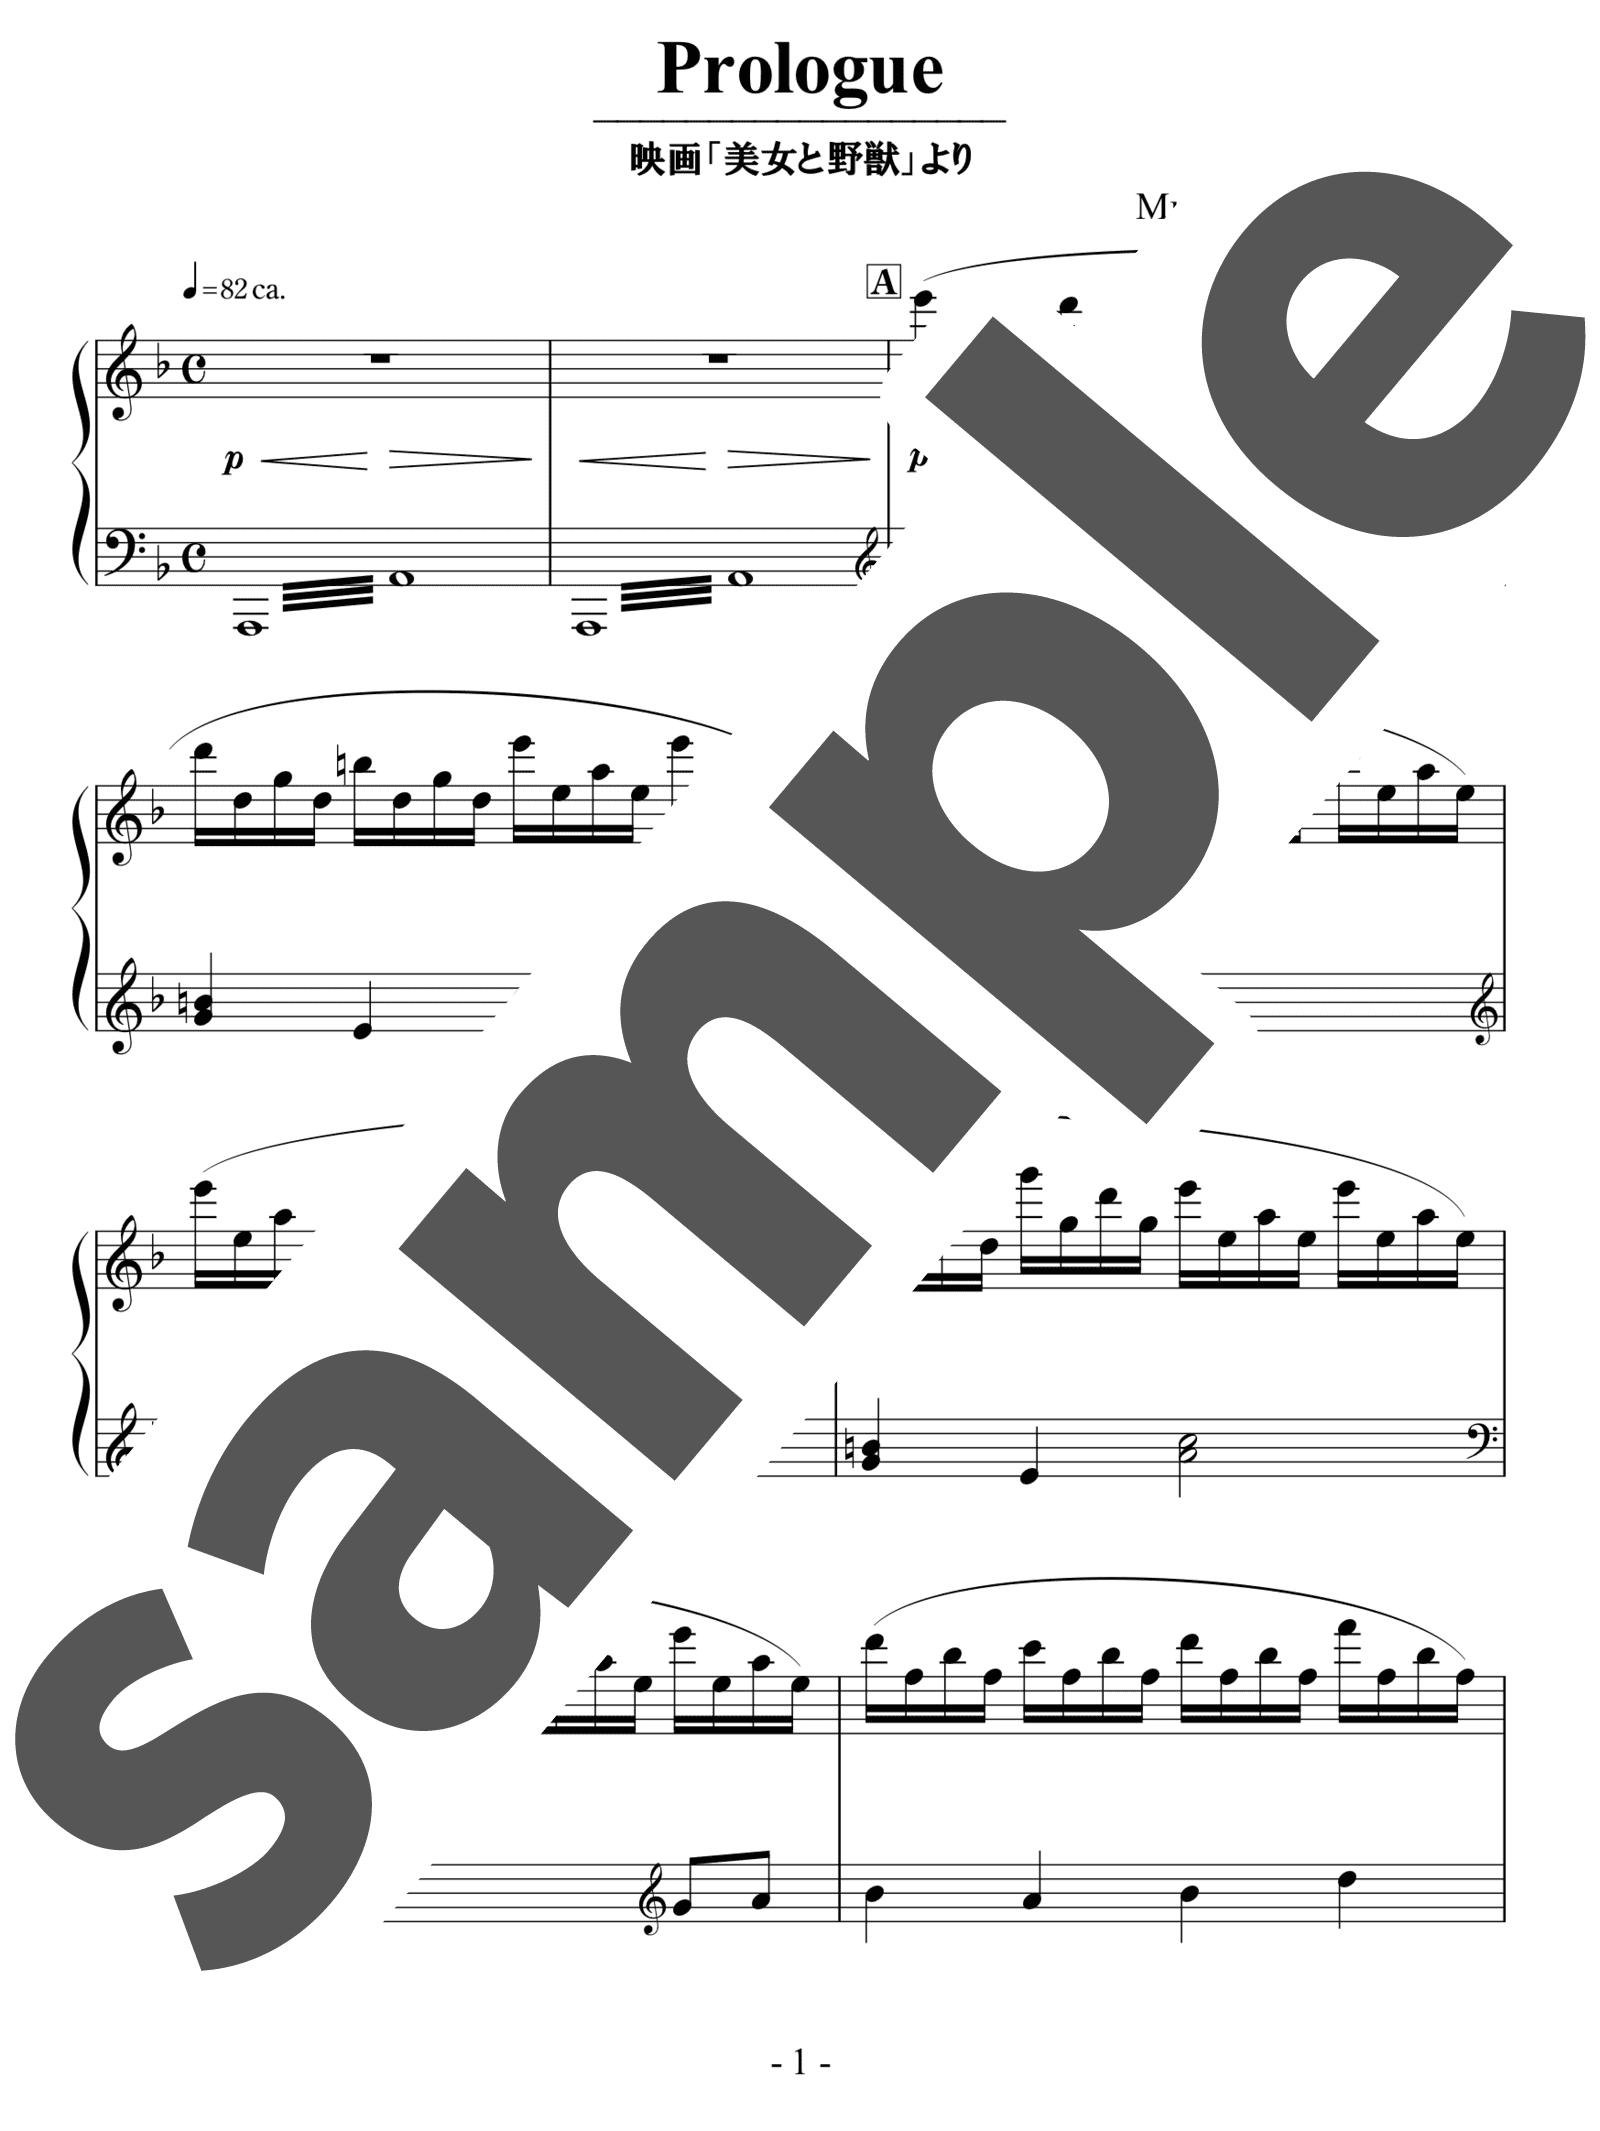 「Prologue」のサンプル楽譜